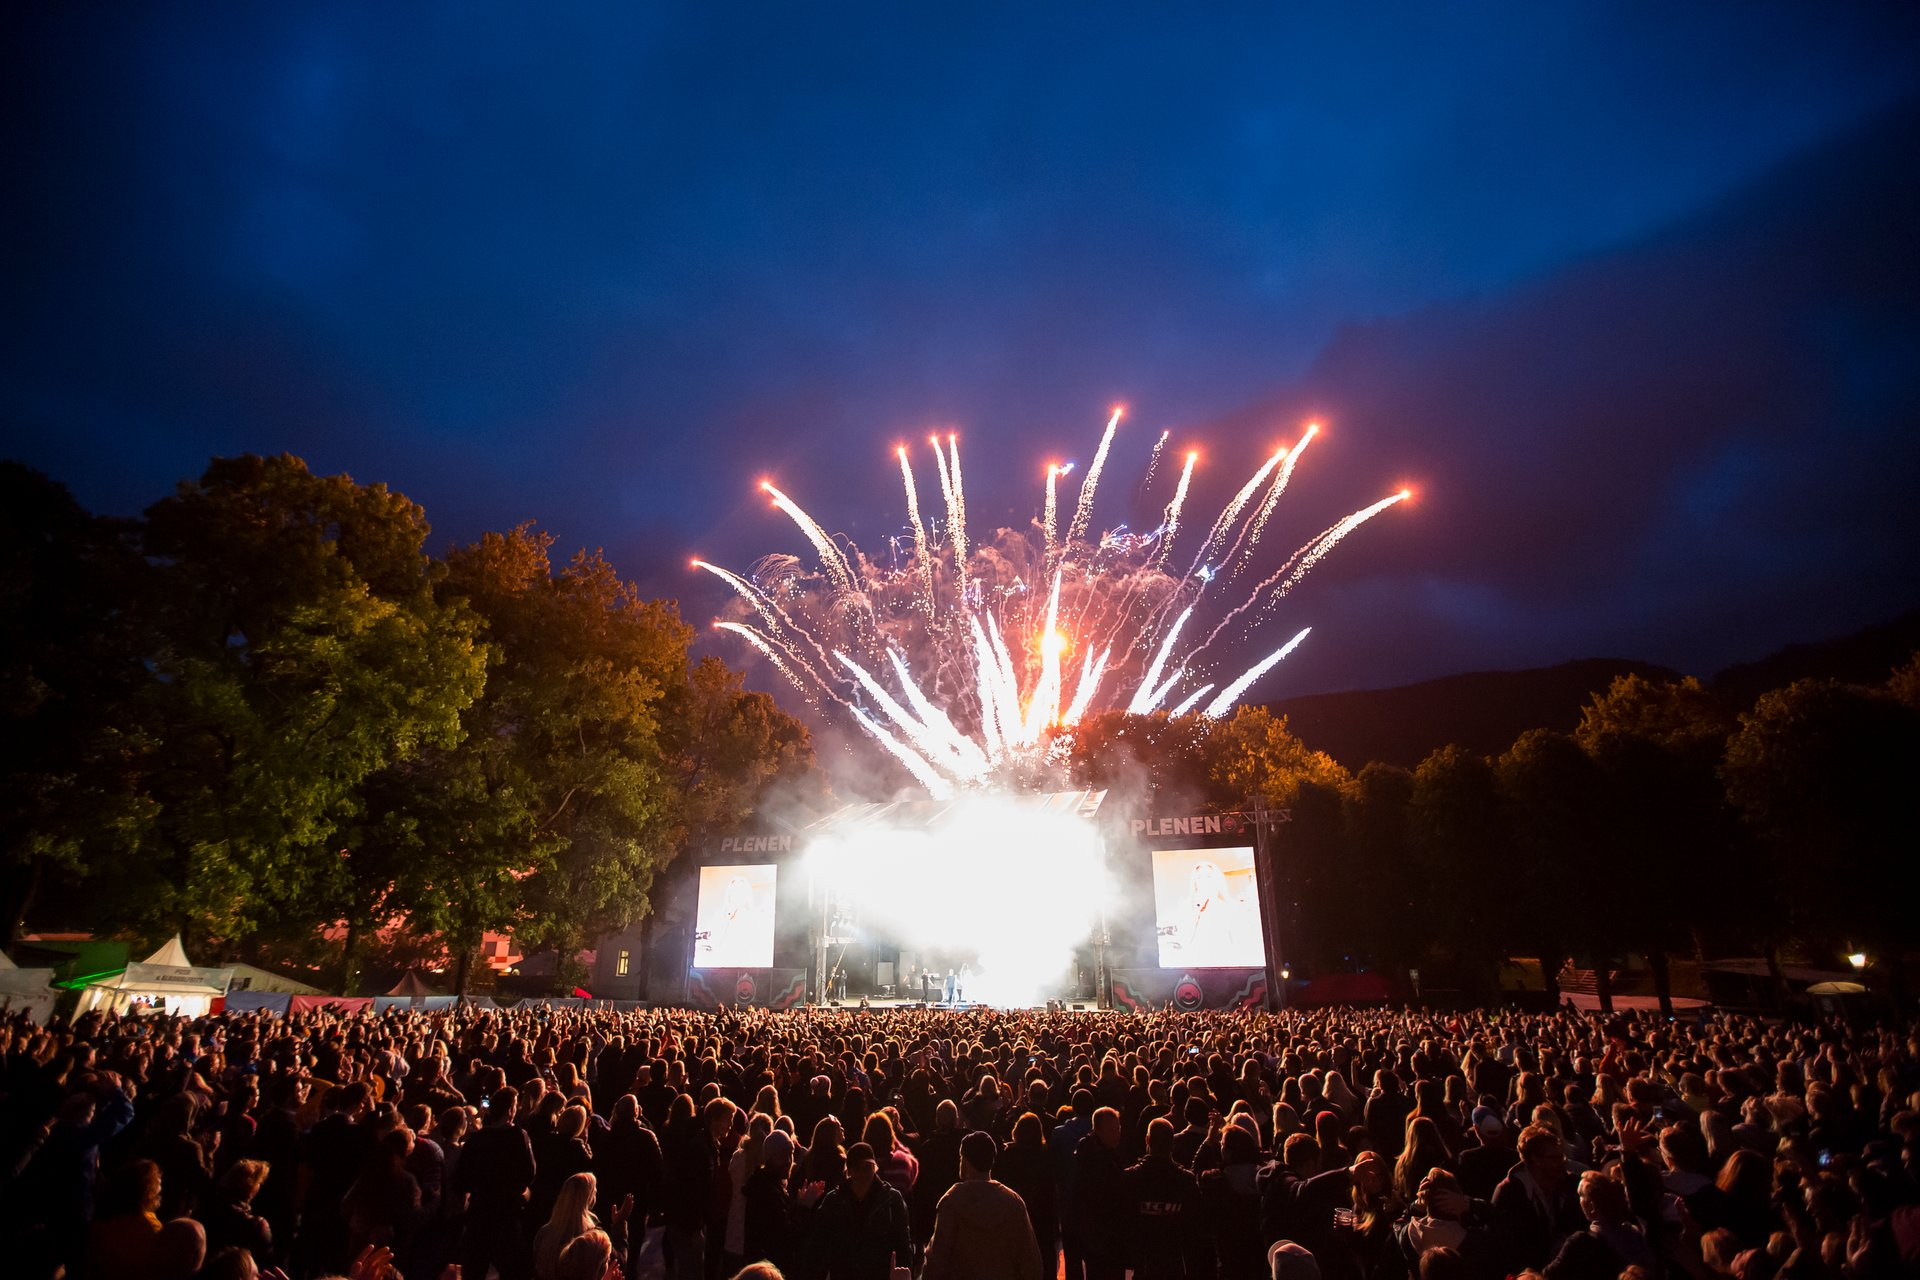 Bergenfest in Bergen - Best Season 2020